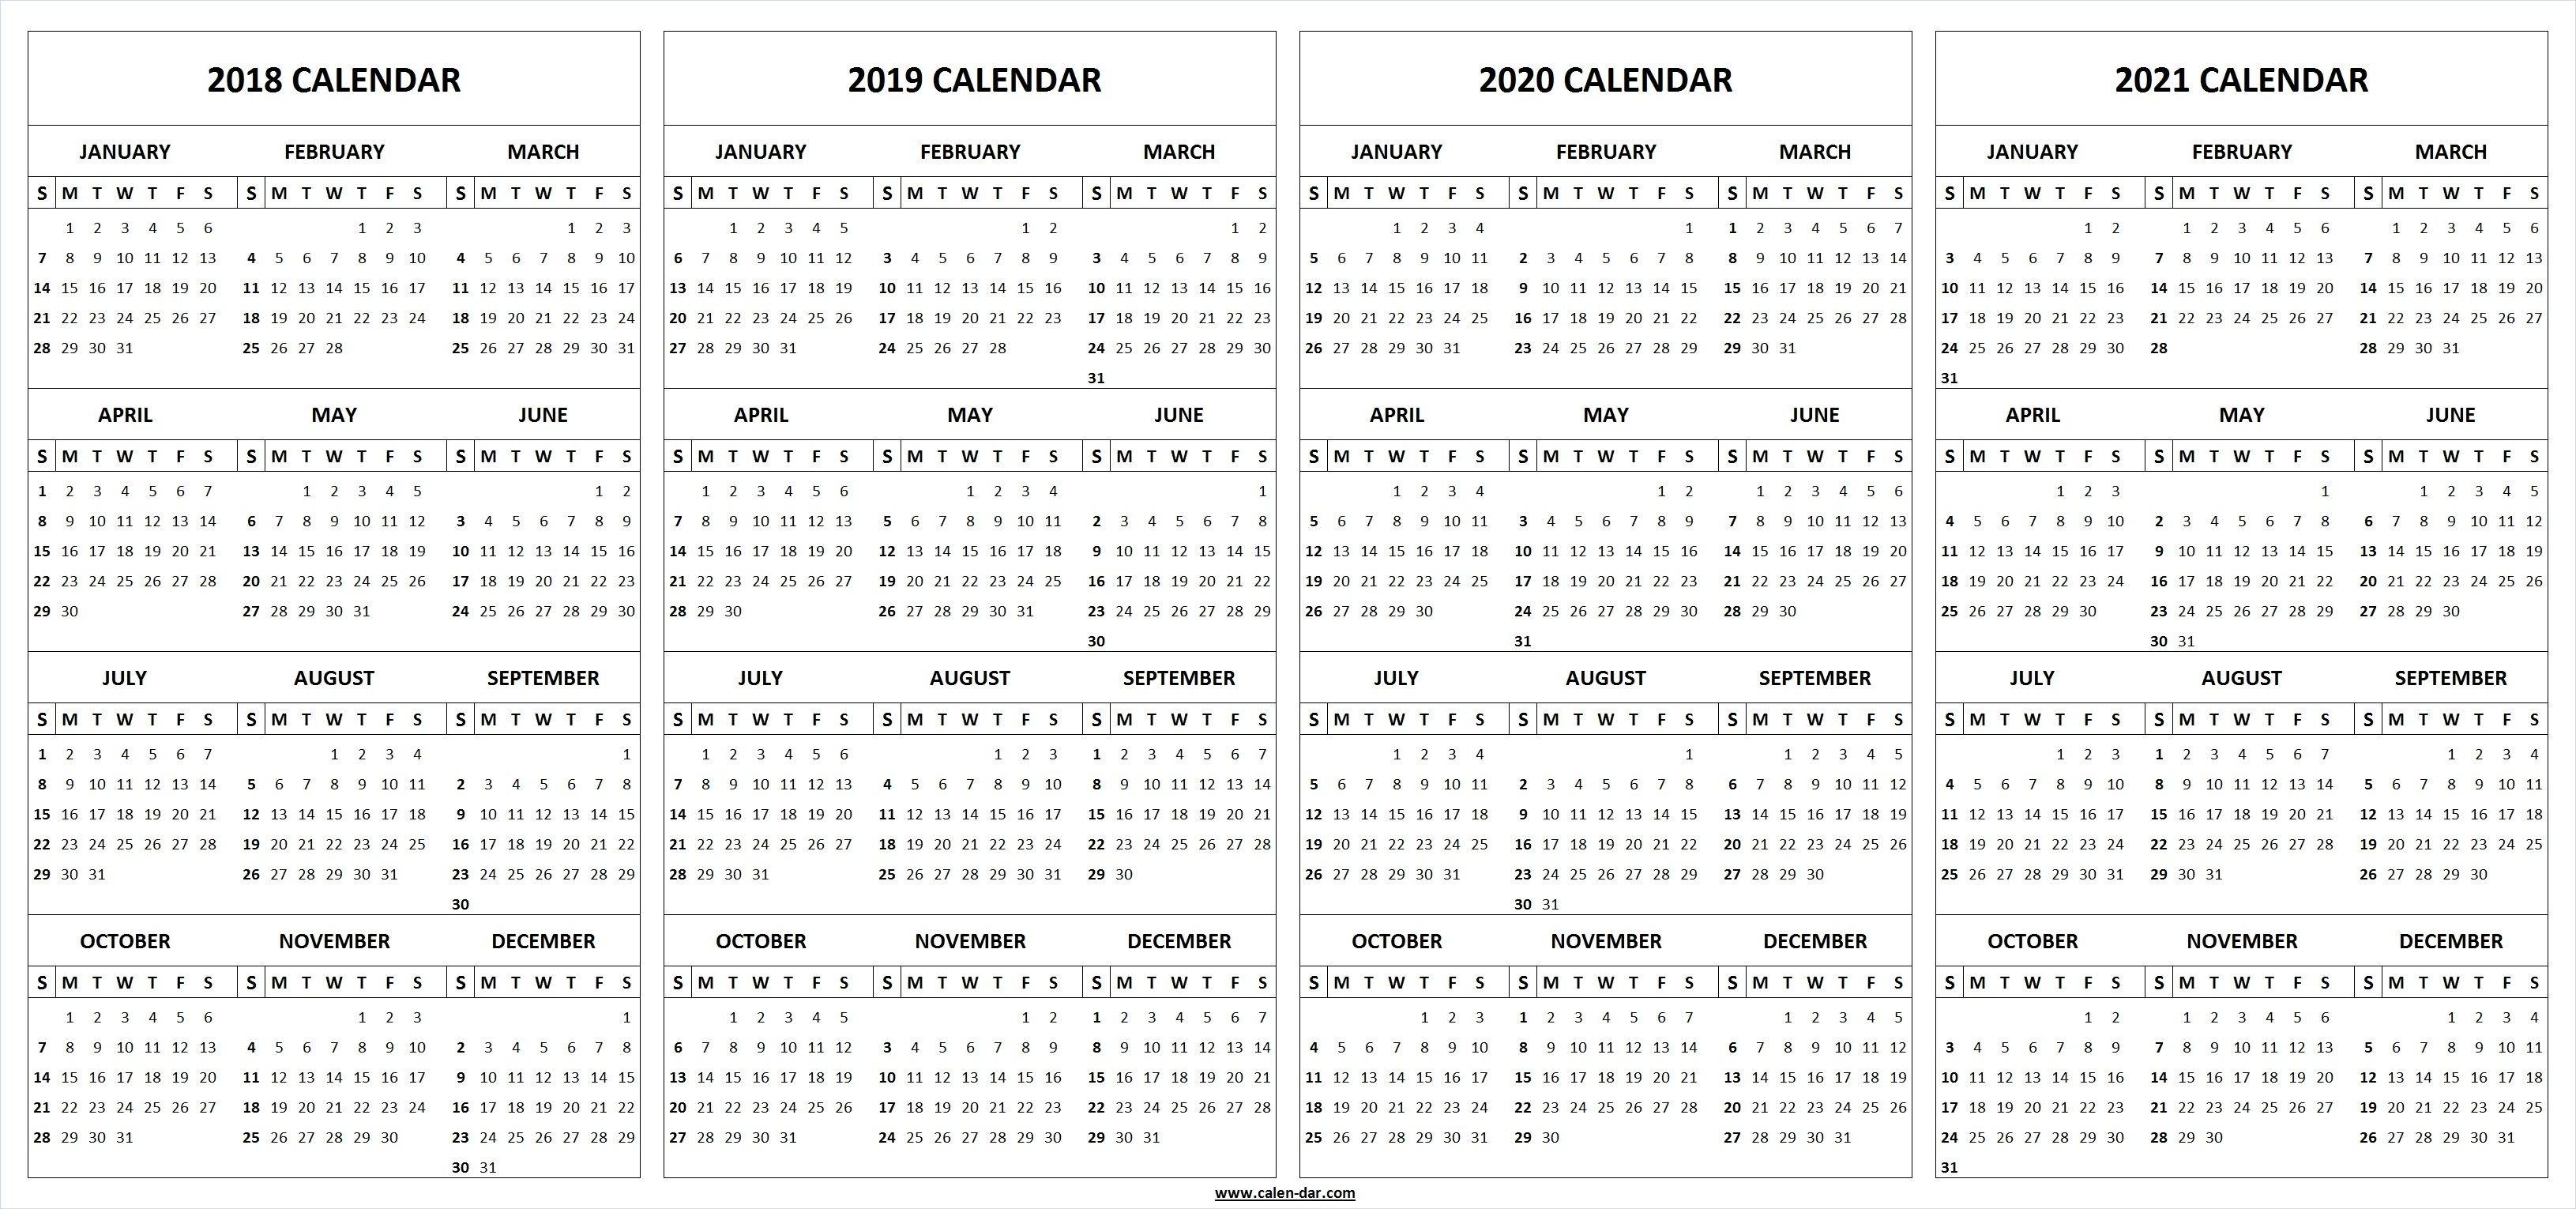 Dashing Printable Calendar For 2019 And 2020 • Printable Blank pertaining to Free Printaabke Calendars For 2019-2020